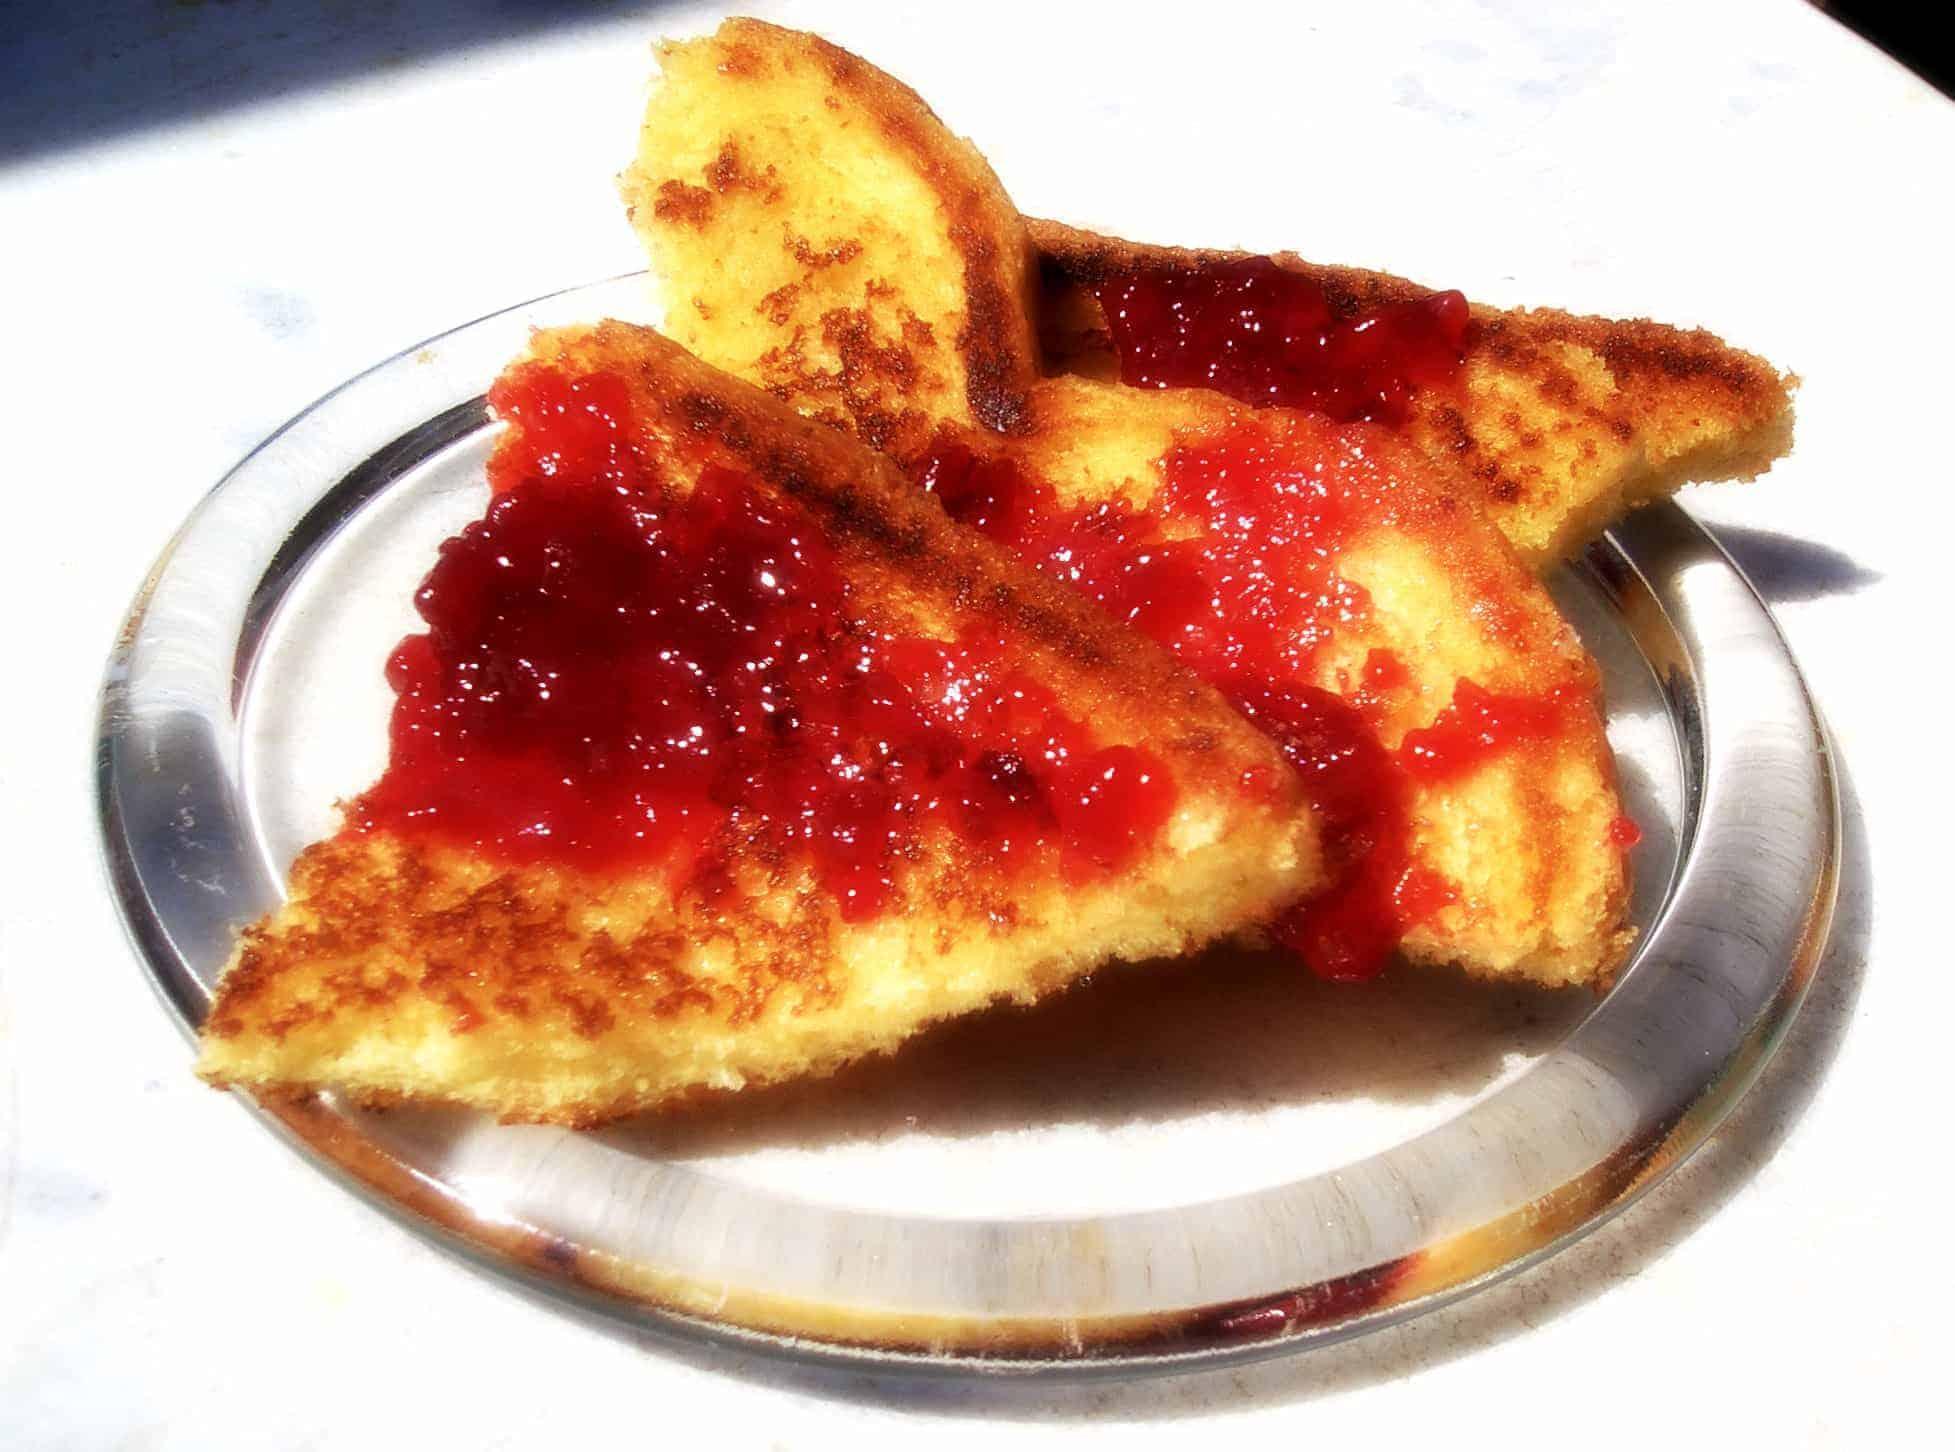 Honey peach on toast